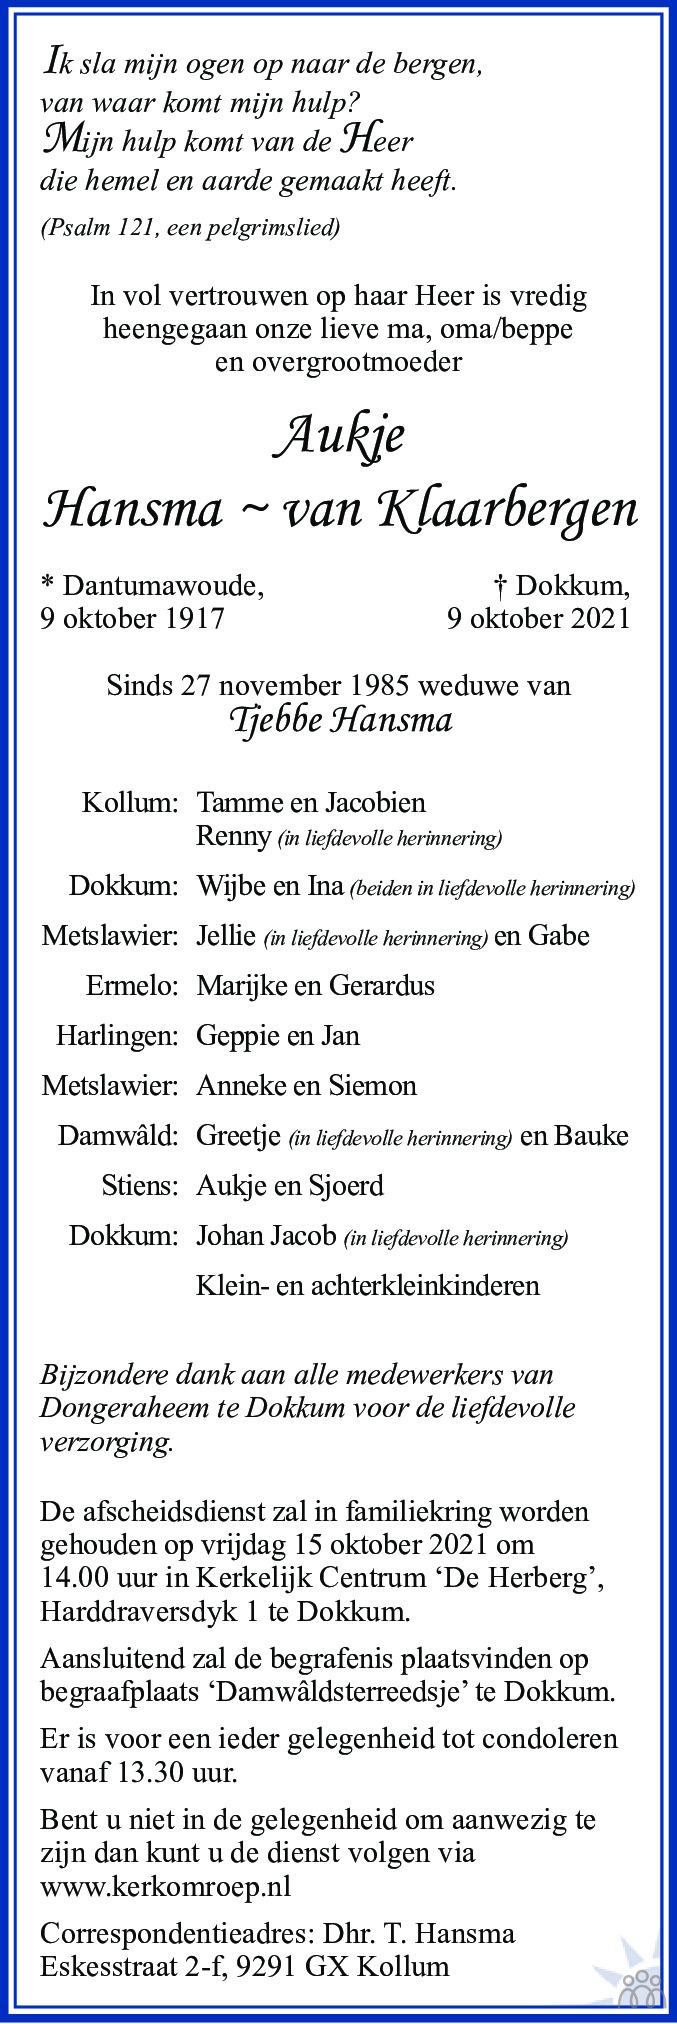 Overlijdensbericht van Aukje Hansma-van Klaarbergen in Leeuwarder Courant